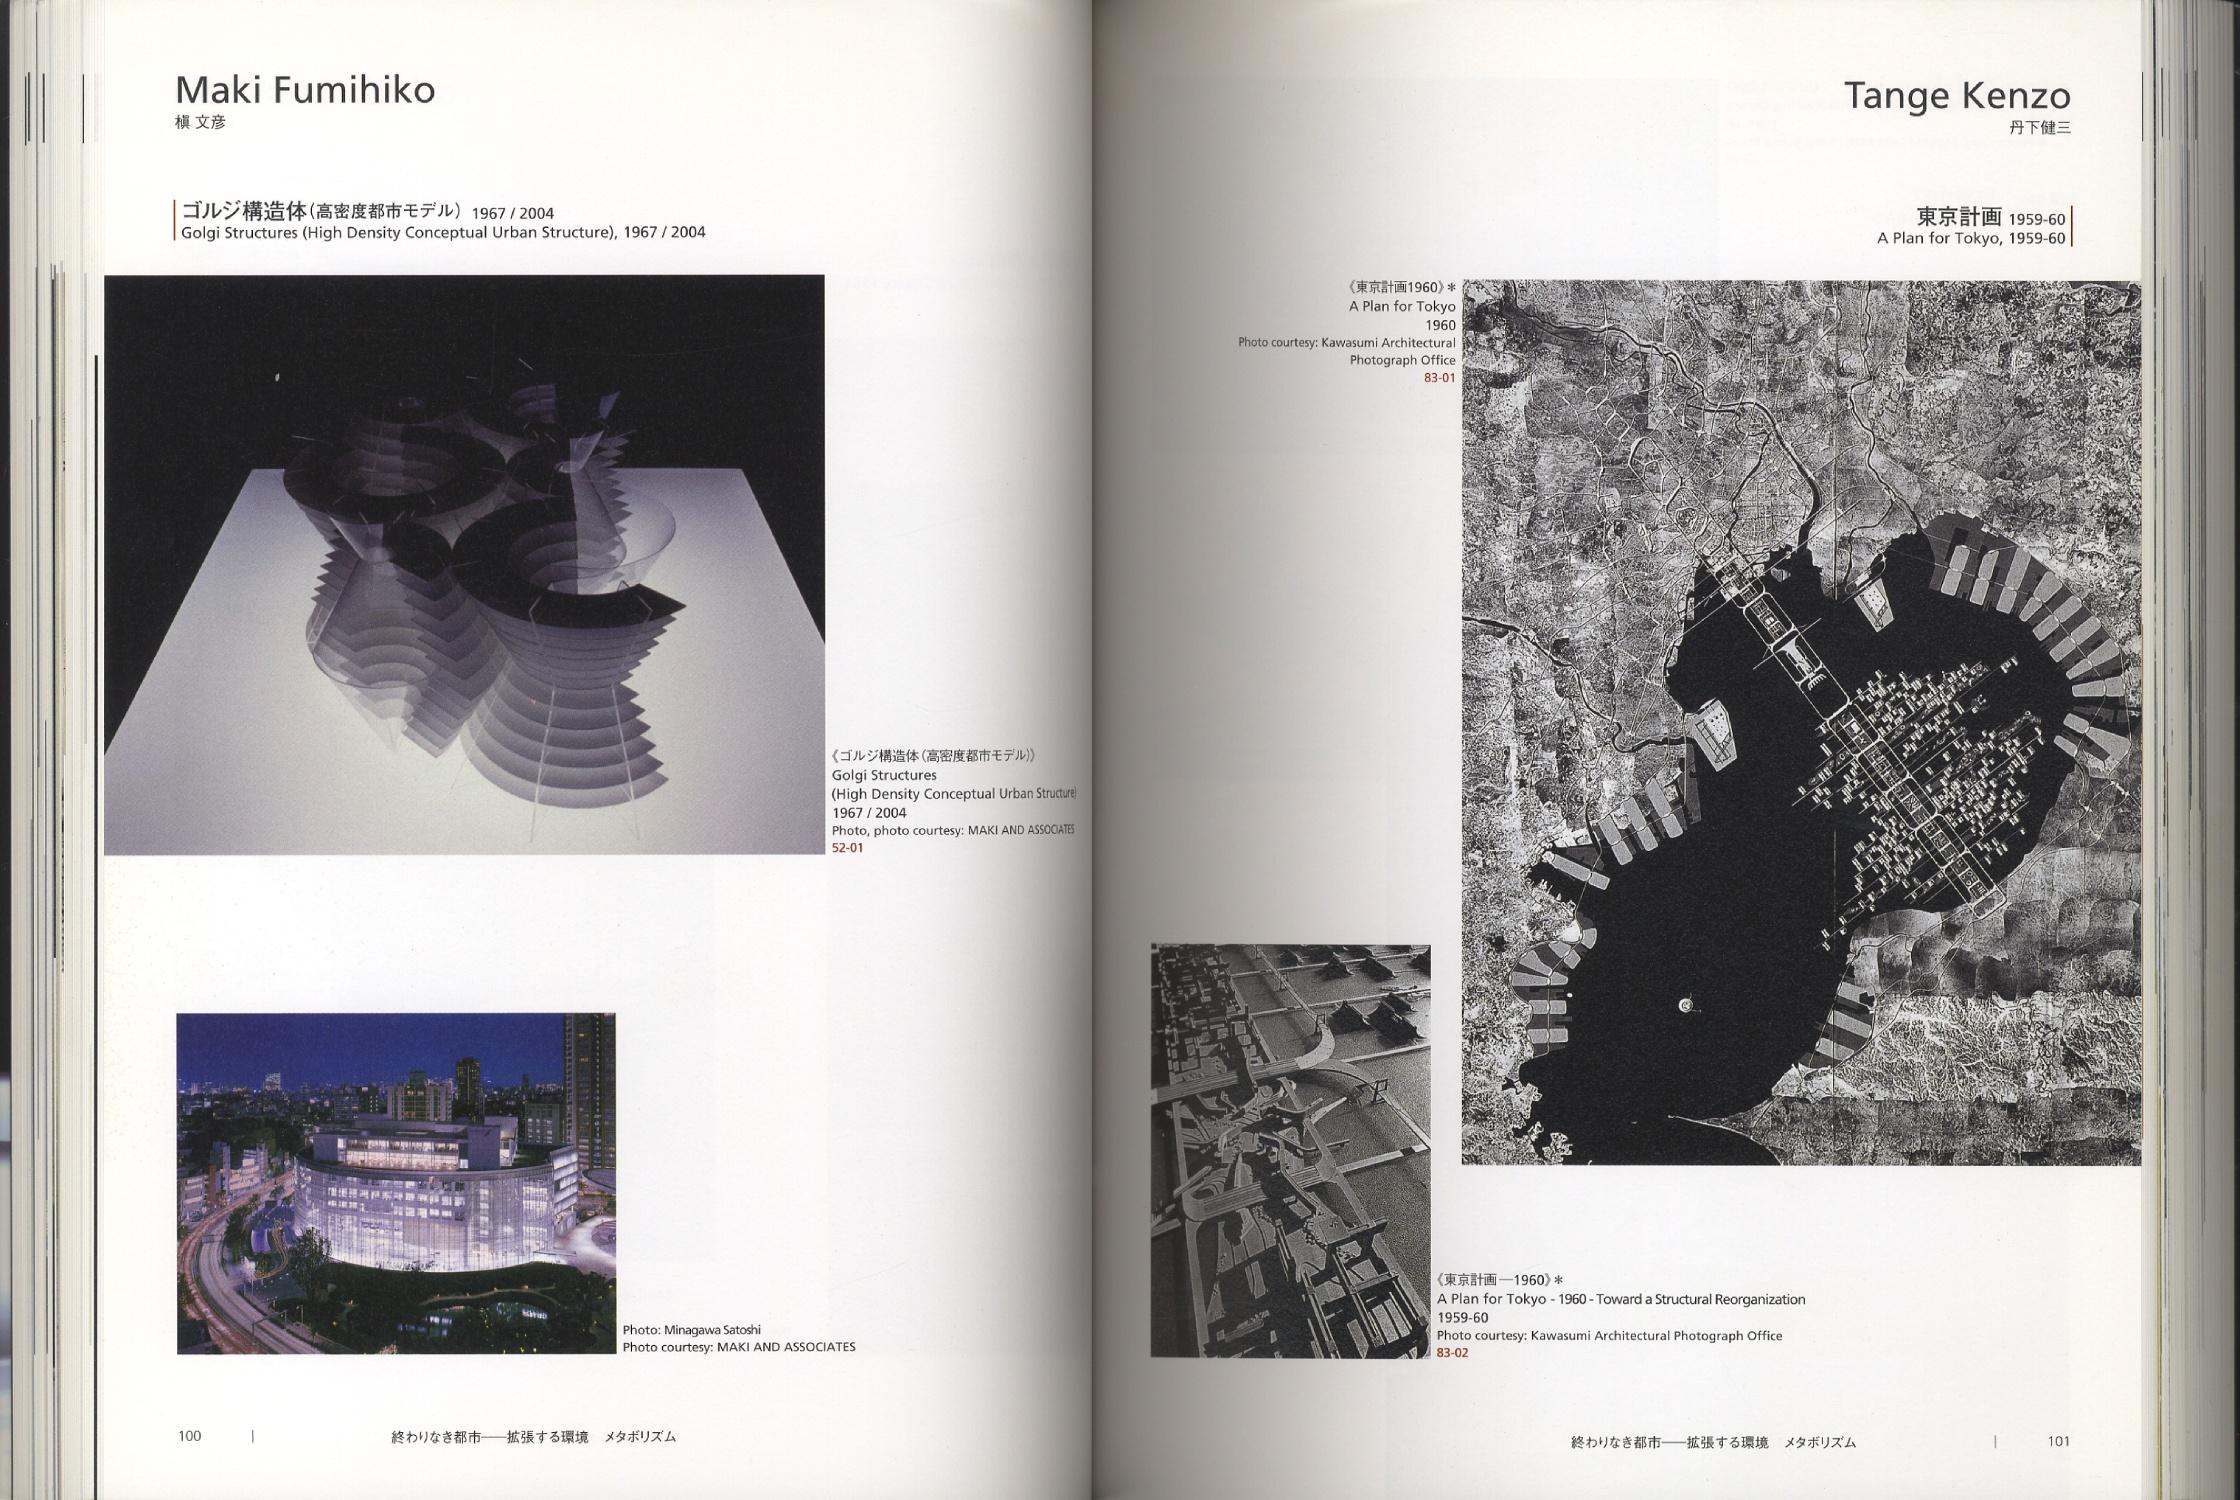 アーキラボ 建築・都市・アートの新たな実験 1950-2005[image3]